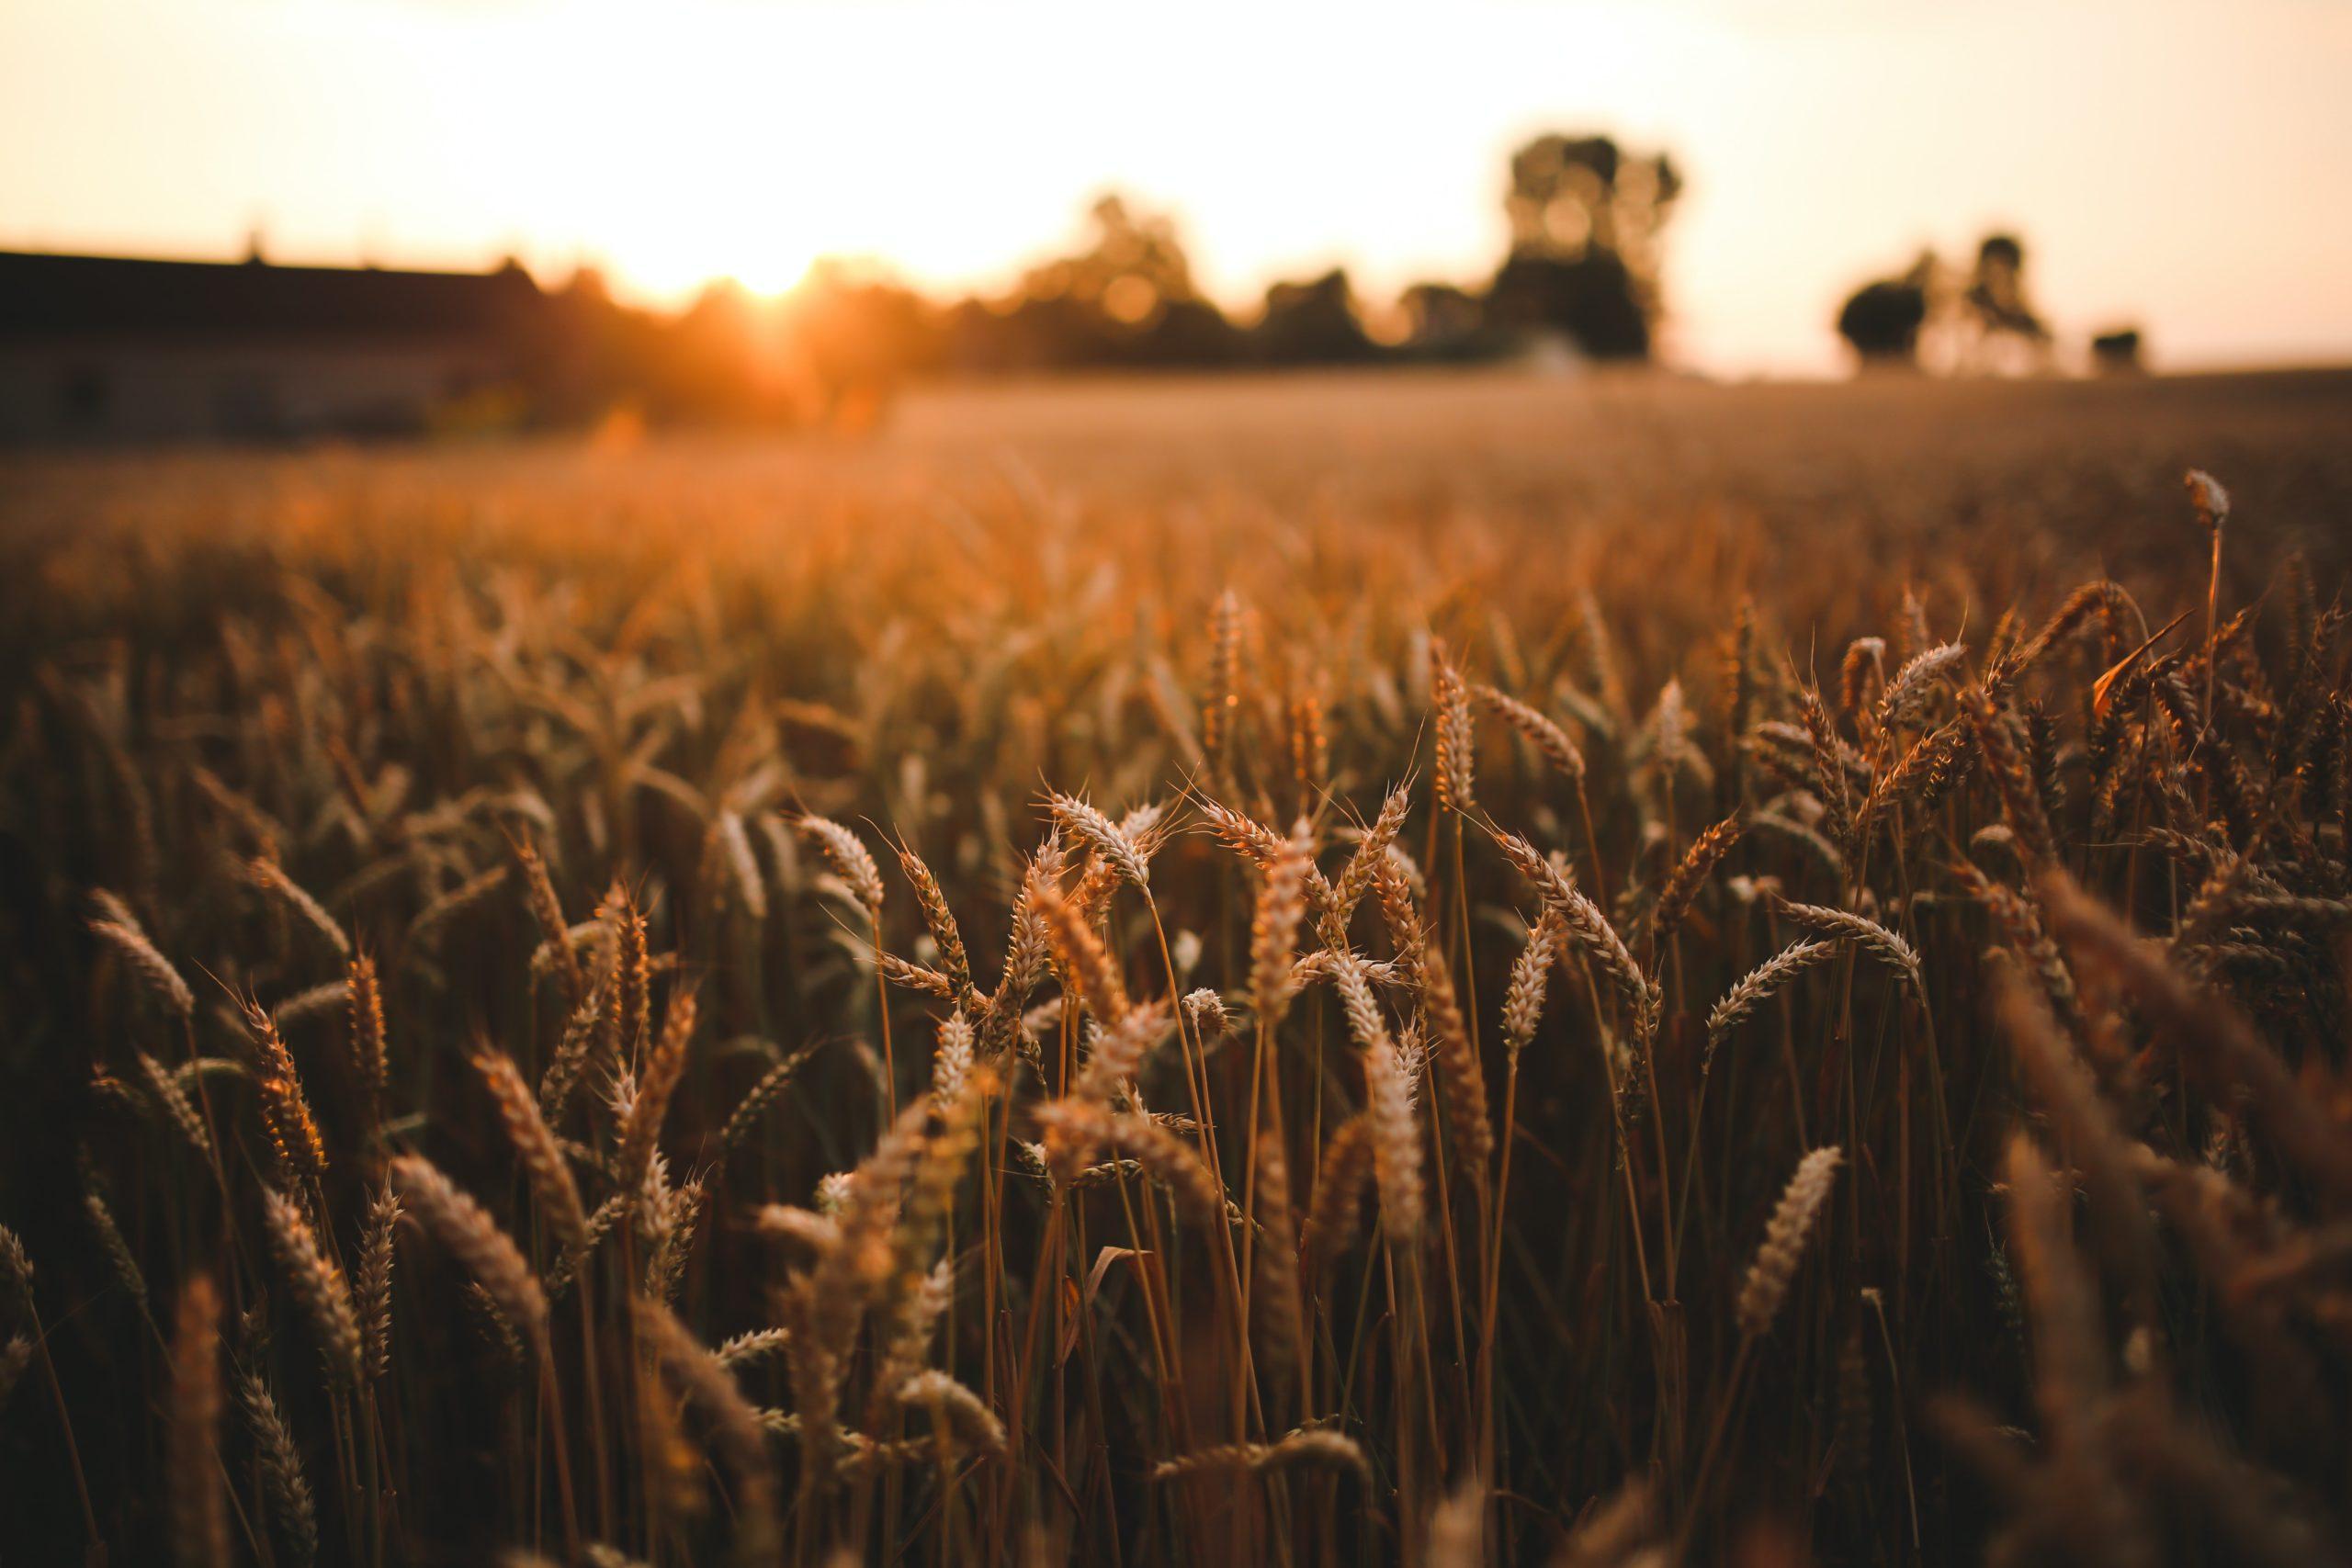 Biocraft поздравляет с Днем работника сельского хозяйства и перерабатывающей промышленности!